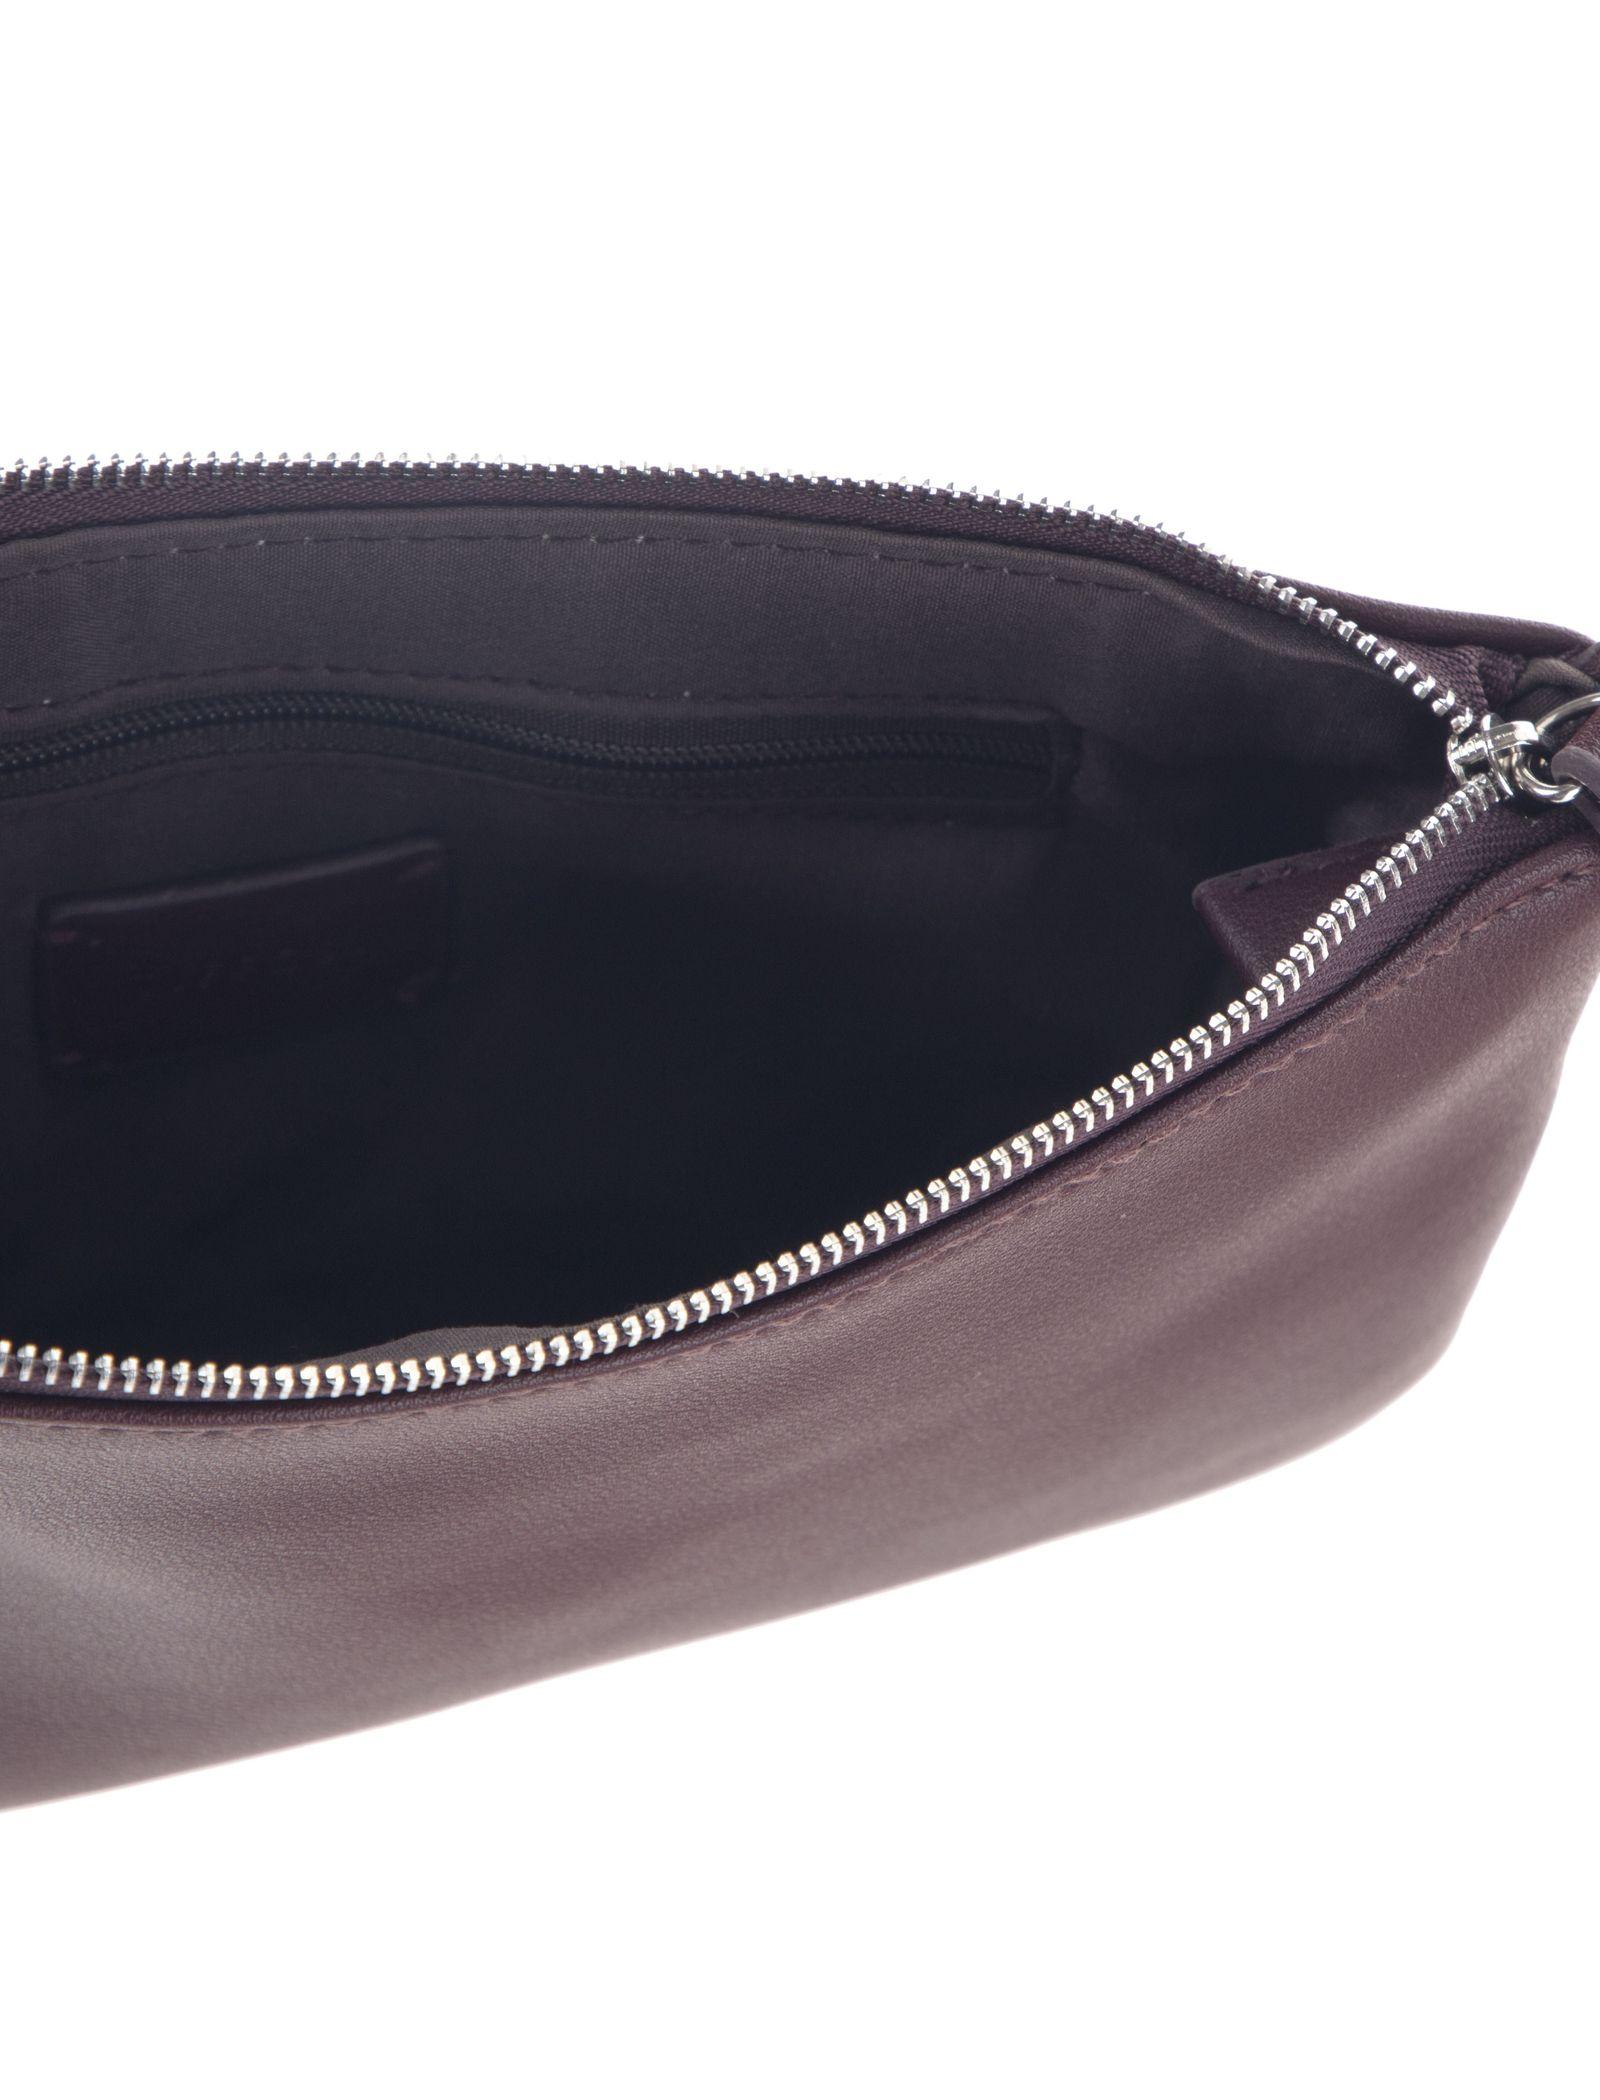 کیف دوشی روزمره زنانه - تیفوسی - قهوه اي زرشکي - 5